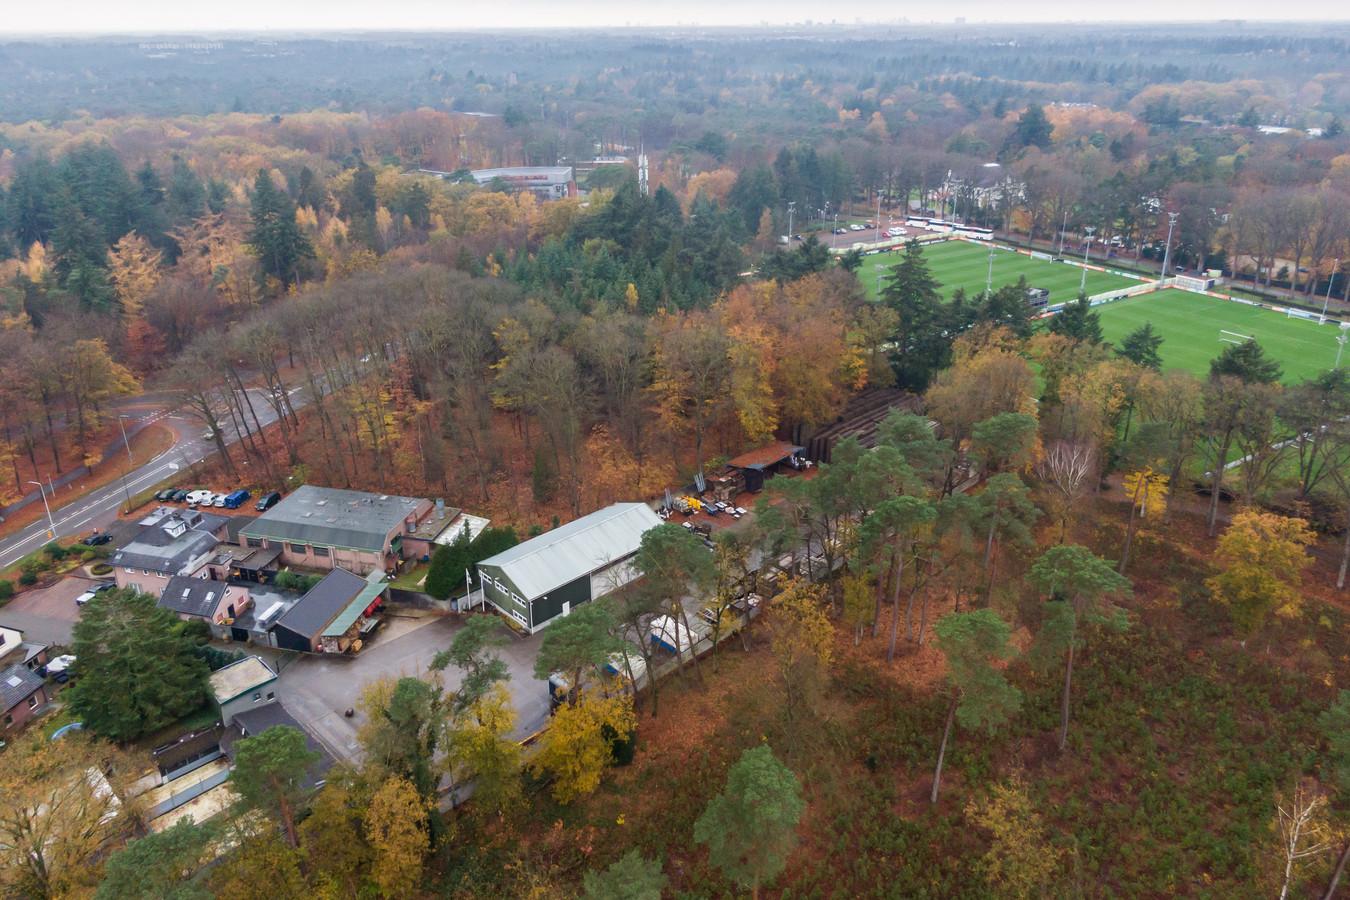 Behalve bij de KNVB Campus (bovenin de foto) heeft de voetbalbond velden aan de andere kant van de Woudenbergseweg. De wens is om er daar drie of vier bij te leggen.